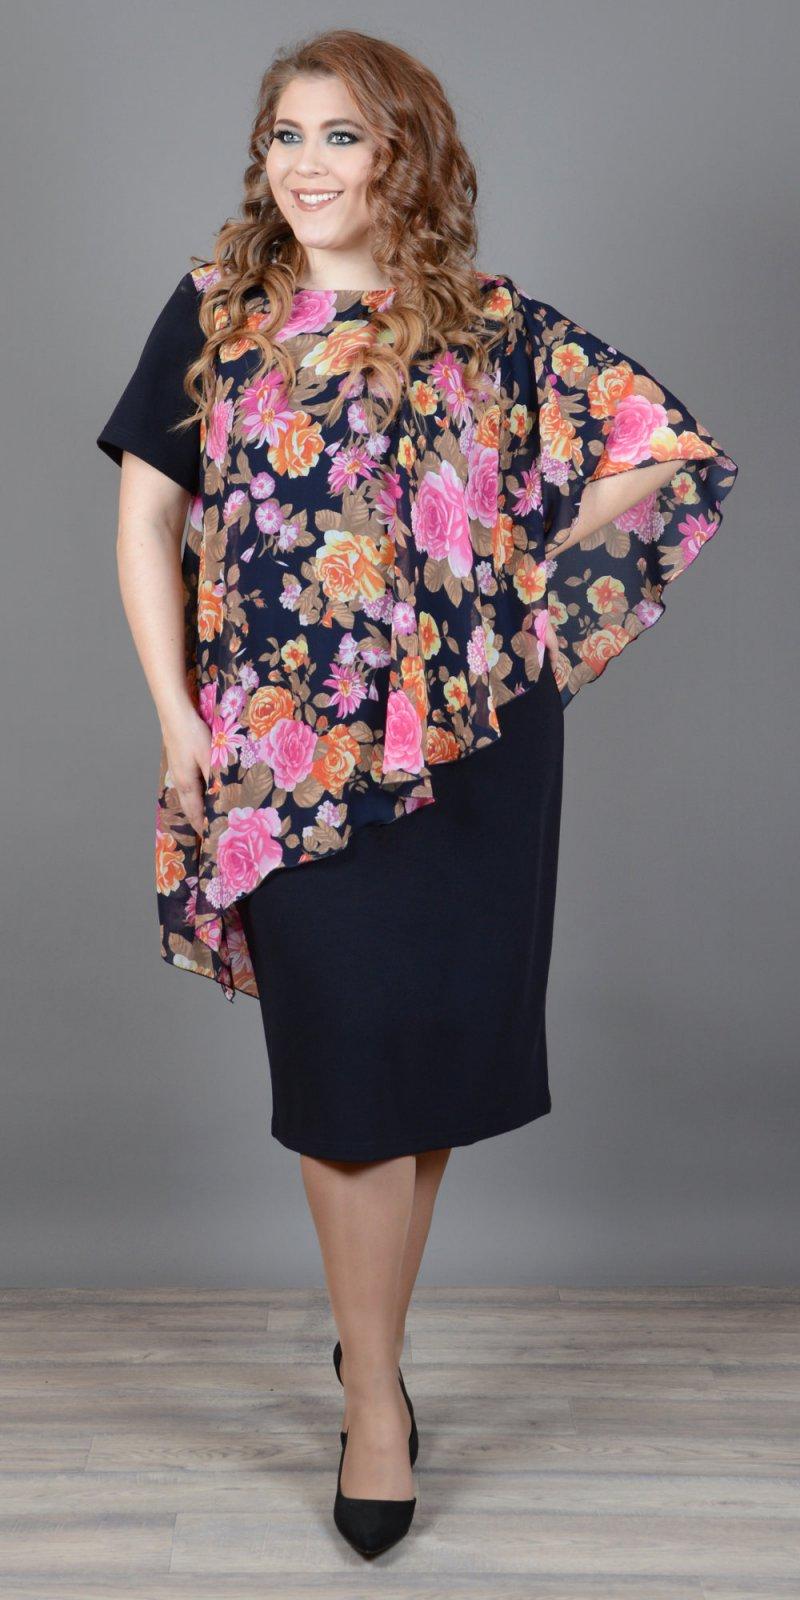 b9f4490f109 ... Платья на новый год 2019. как купить платье на новый год недорого и  быстро в ...